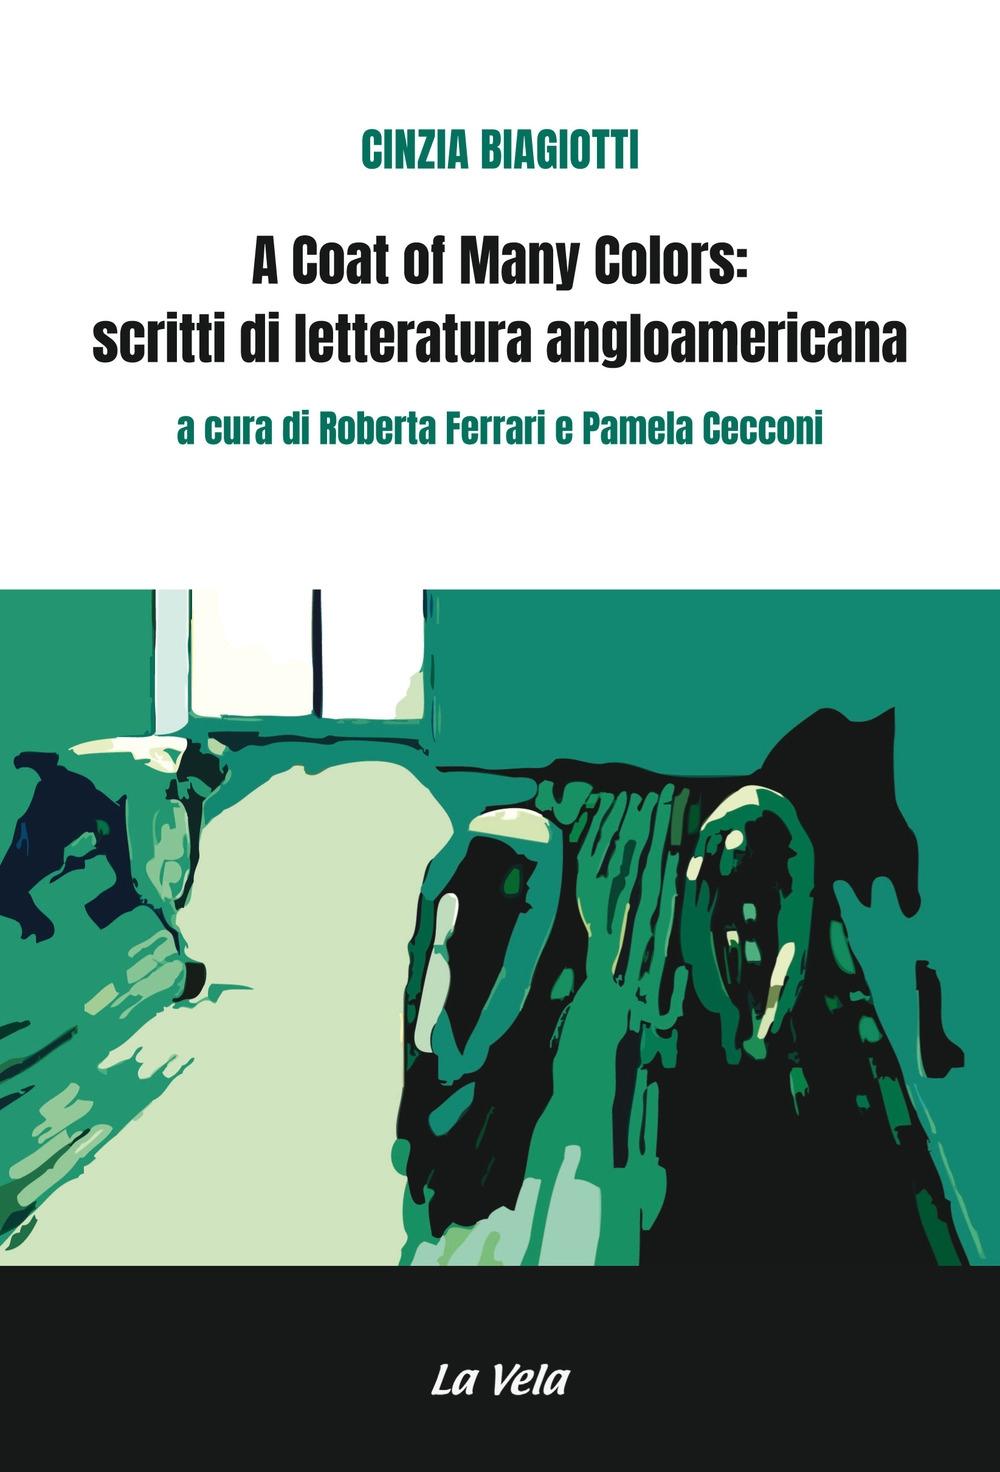 A coat of many colors: scritti di letteratura angloamericana